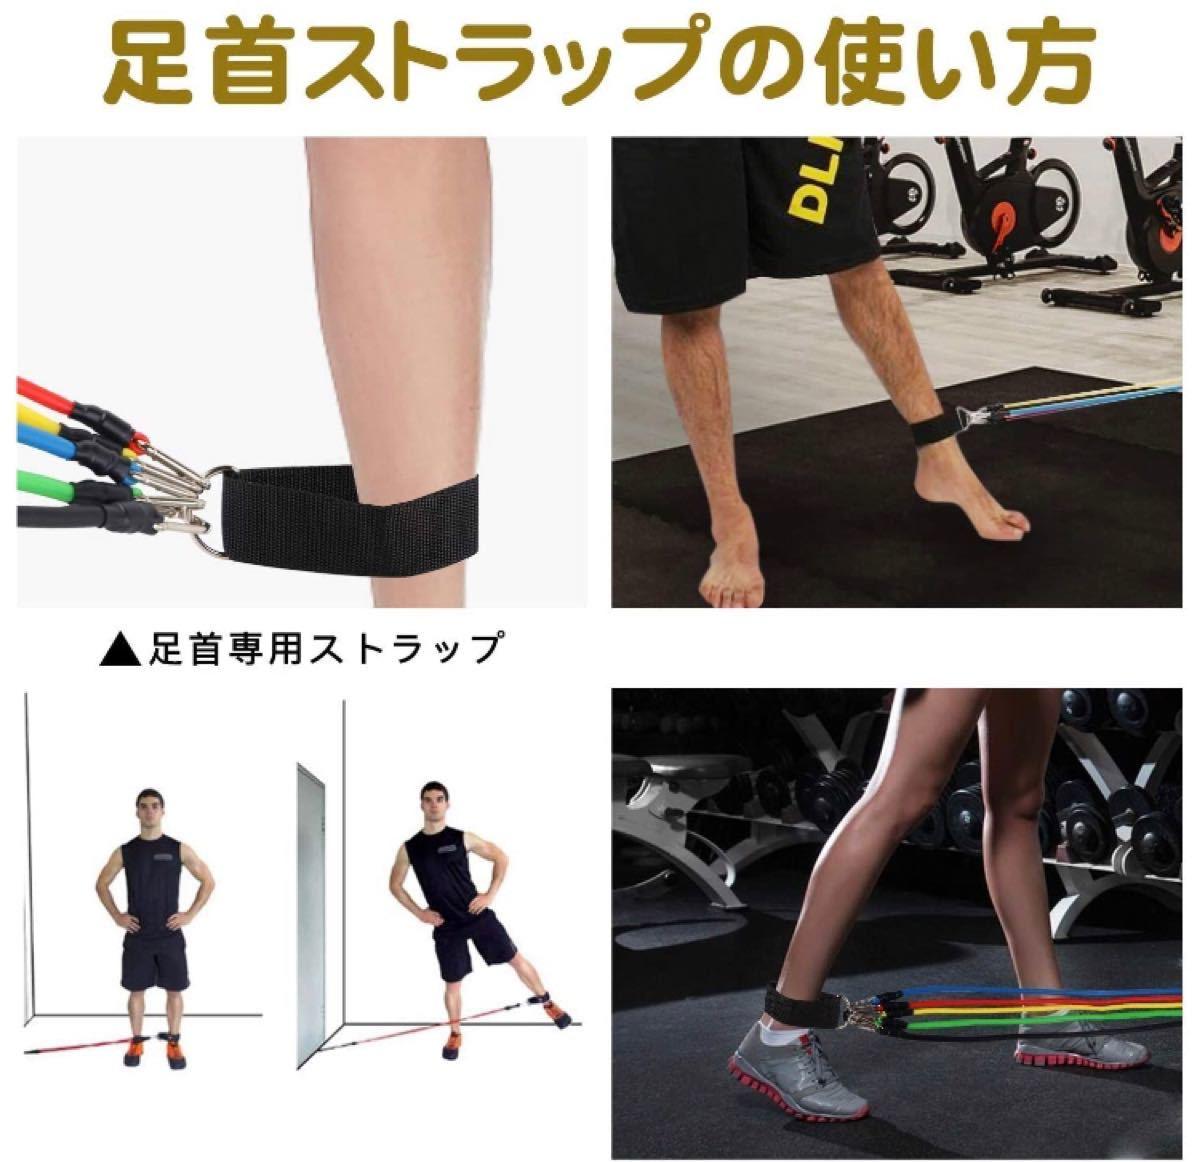 トレーニングチューブ 筋トレ 強力 5段階強度調整 11点セット 収納ポーチ付き